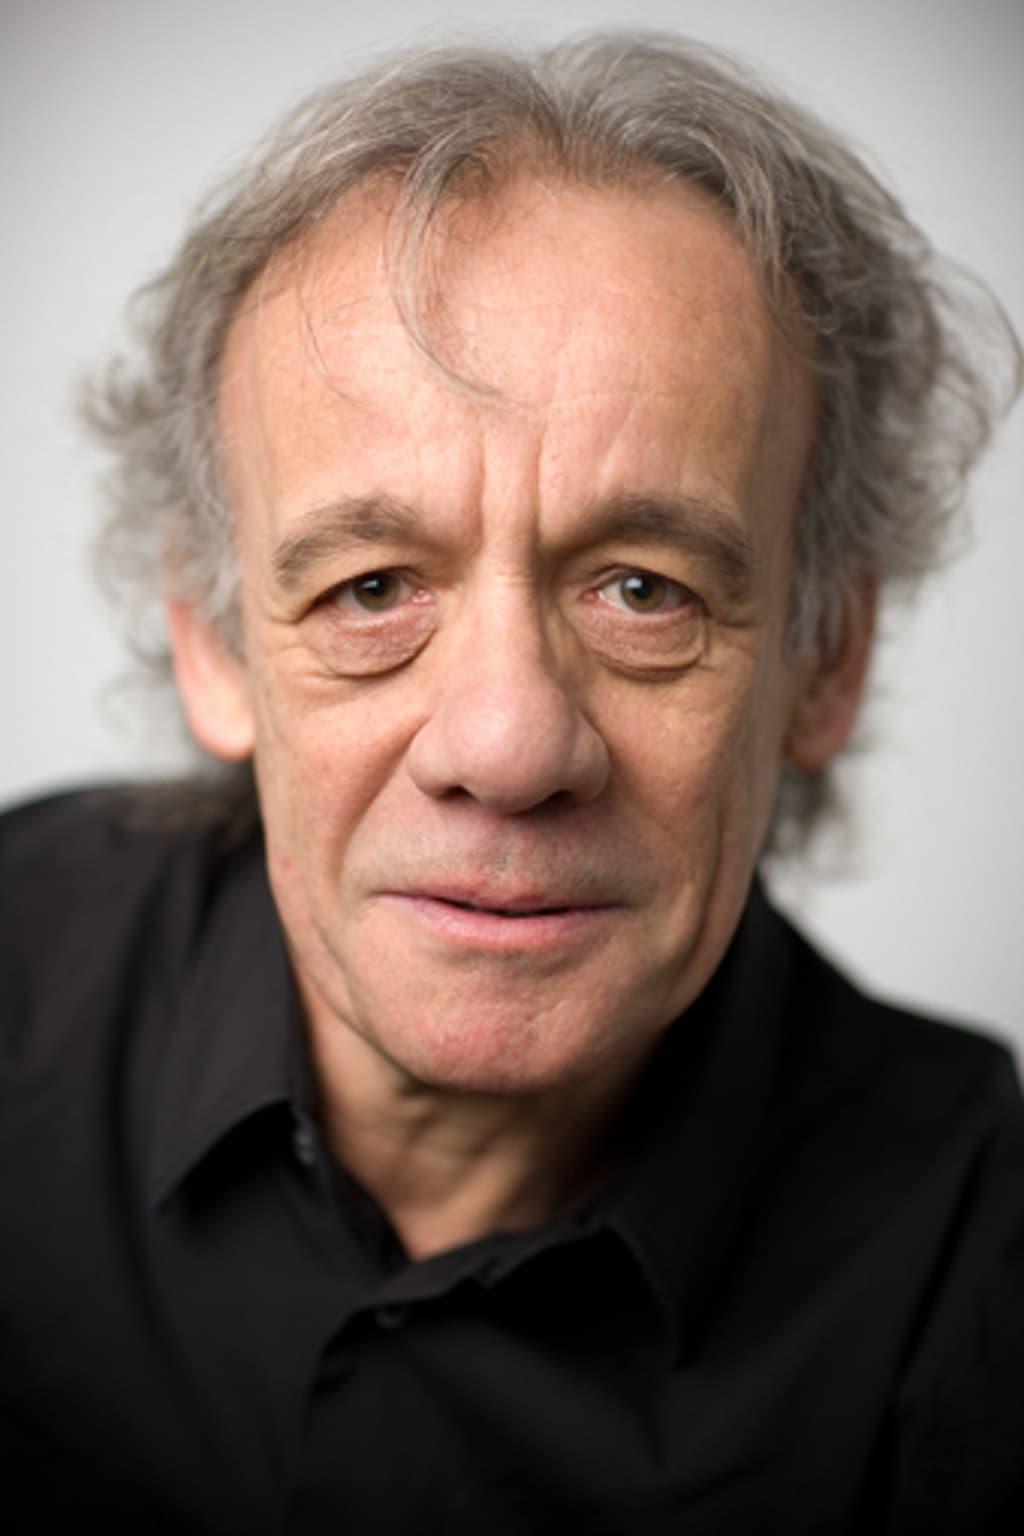 Christian Pelissier